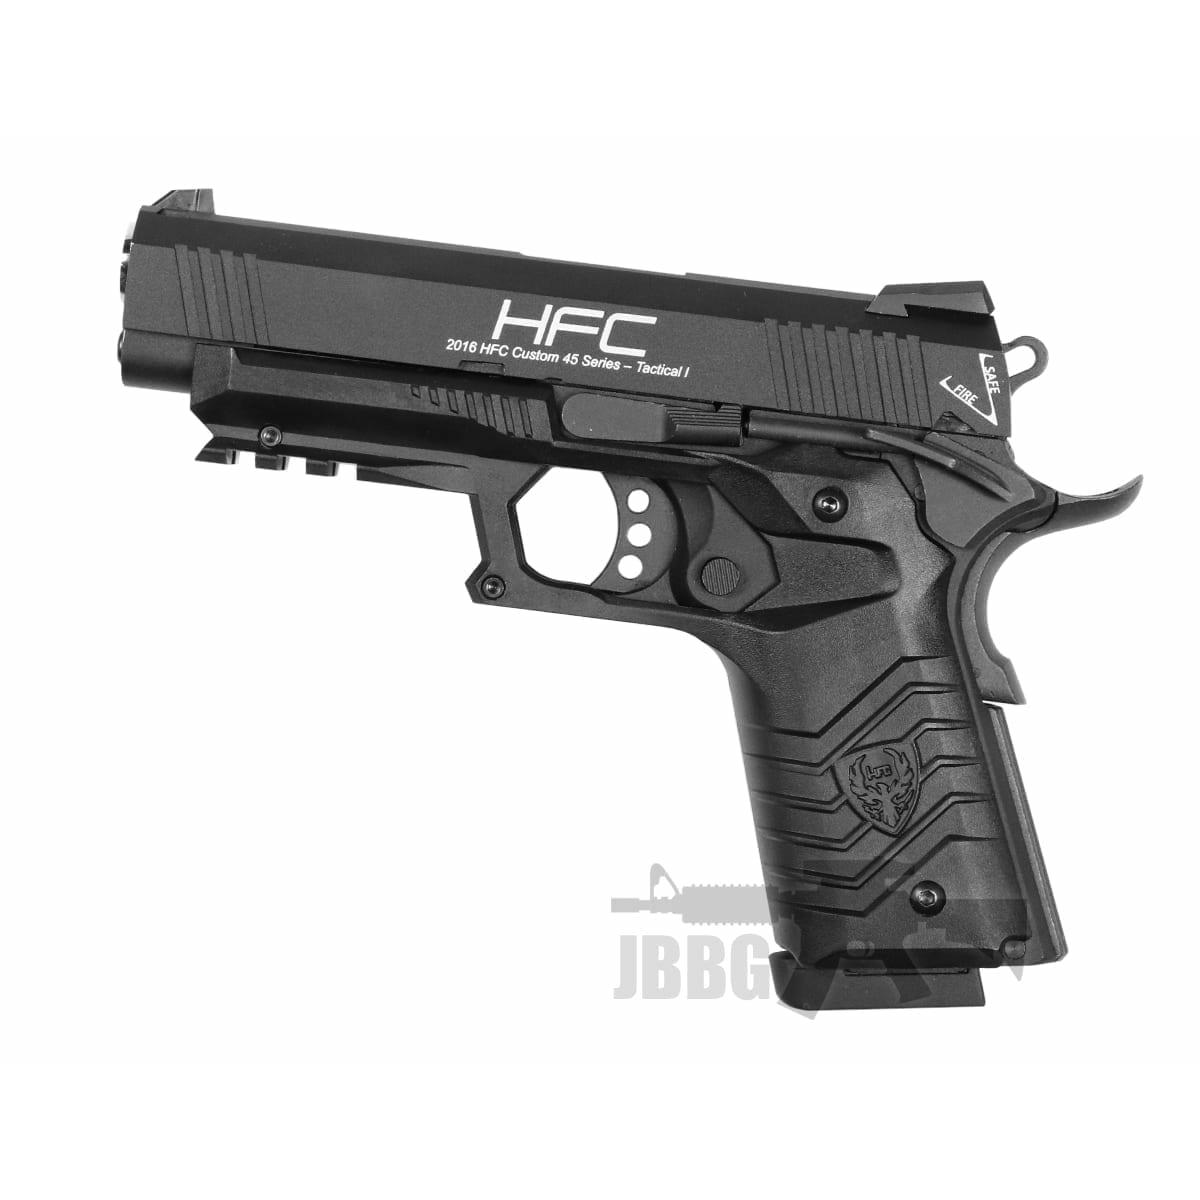 HG171B TAC 1911 Gas Pistol